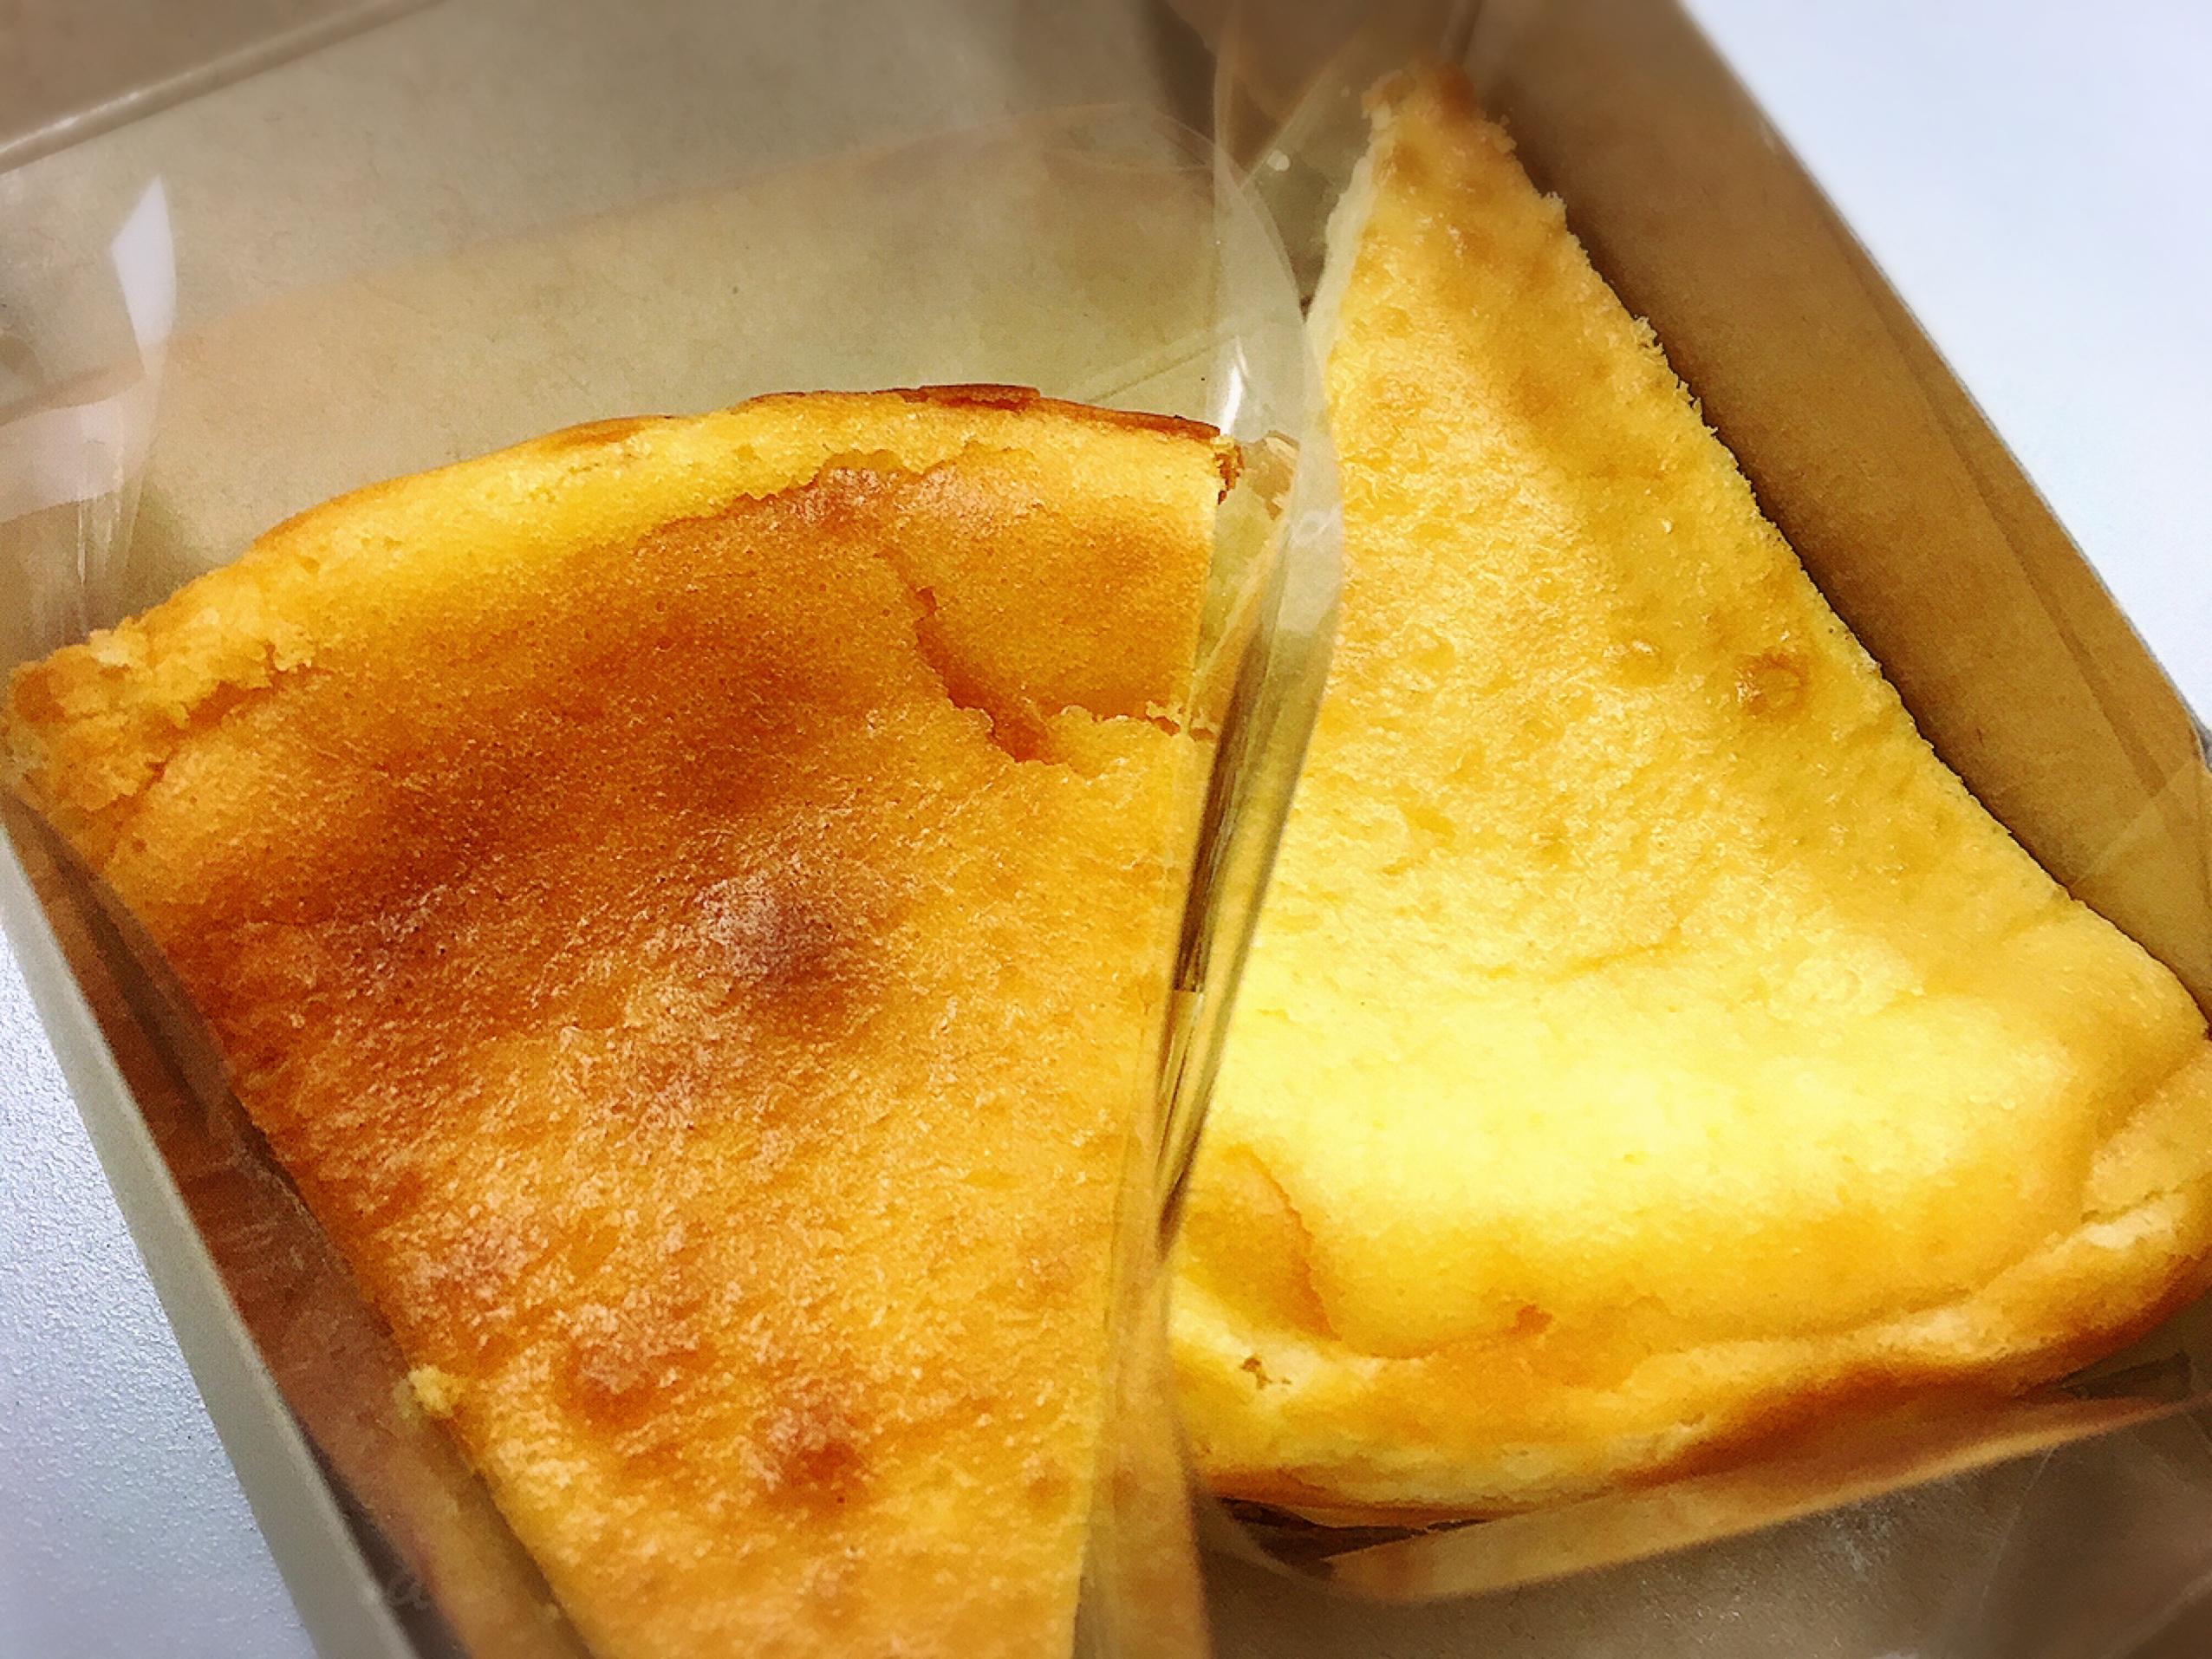 松山城ロープ-ウェイ街のすぐそば!「ODEON TSUBAKI104」(オデヲン)の「岩塩チーズケーキ」を食べてきた!